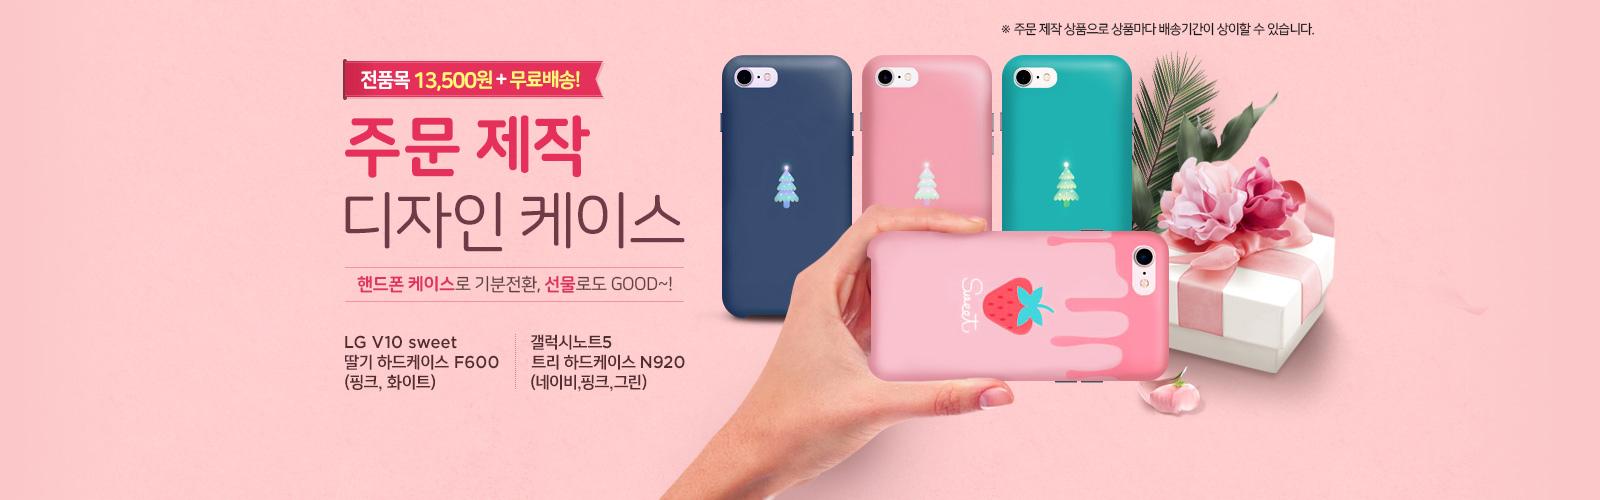 전품목 13,500원 + 무료배송!  주문 제작 디자인 케이스  핸드폰 케이스로 기분 전환, 선물로도 GOOD-1   LG V10  sweet  딸기 하드케이스 F600 (핑크, 화이트)  갤럭시노트 5 트리하드케어스_N920 (네이비, 핑크,그린)